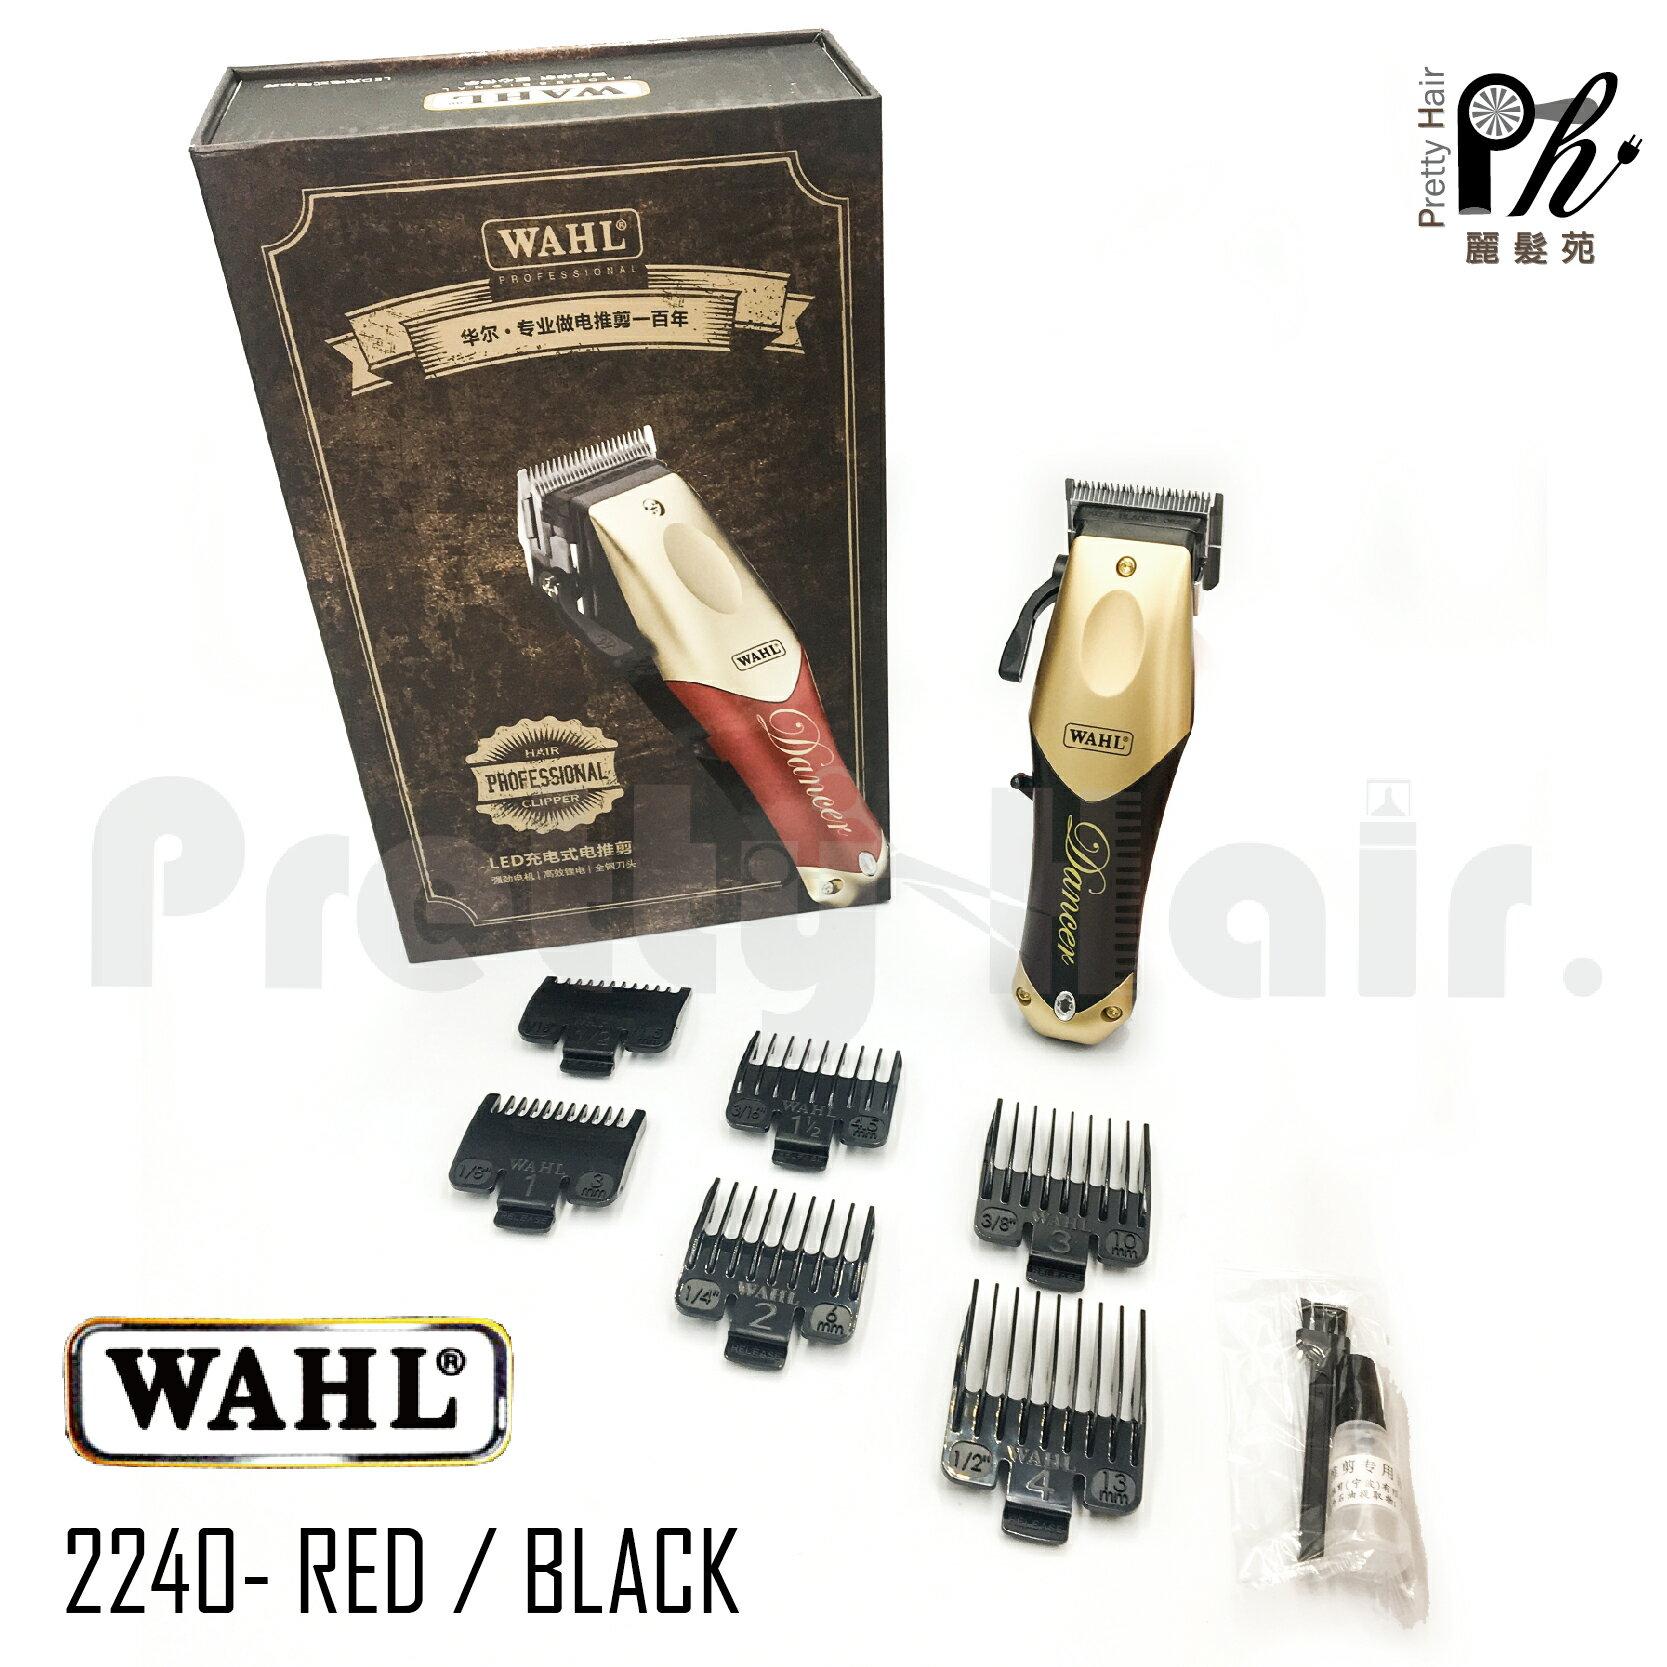 【麗髮苑】 WAHL-2240 2241 新款華爾電剪 Dancer系列 鋼鐵人配色 理髮器 電推剪 大電剪 霧面質感